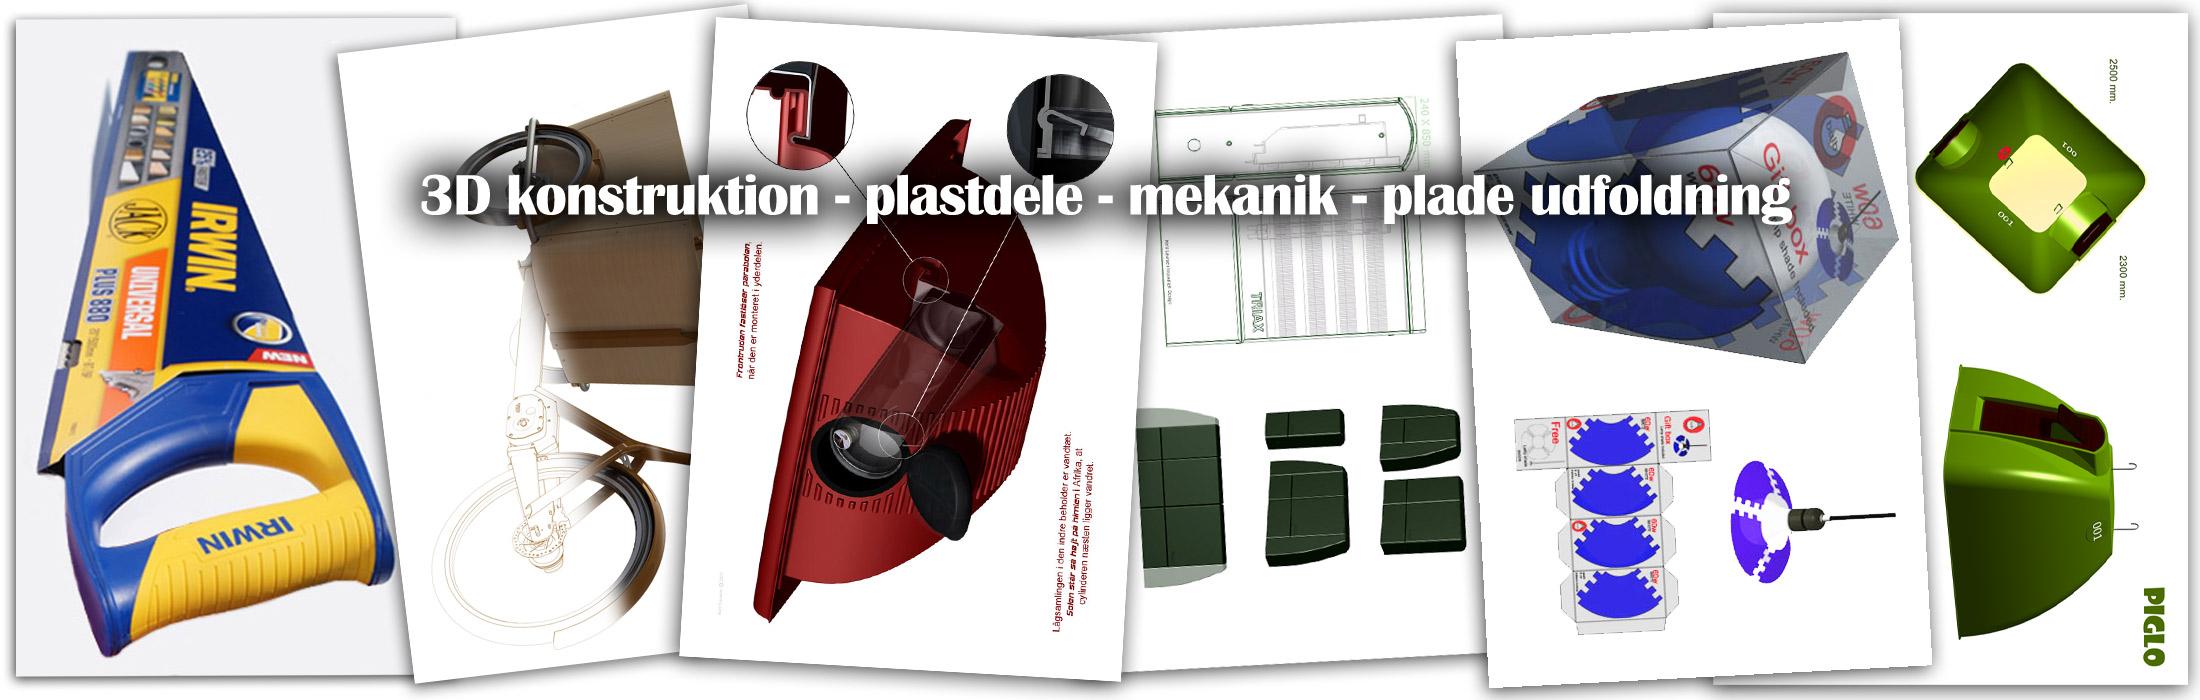 3d-konstruktion af plastdele, mekanik og pladeudfoldning produktudvikling Kent Laursen